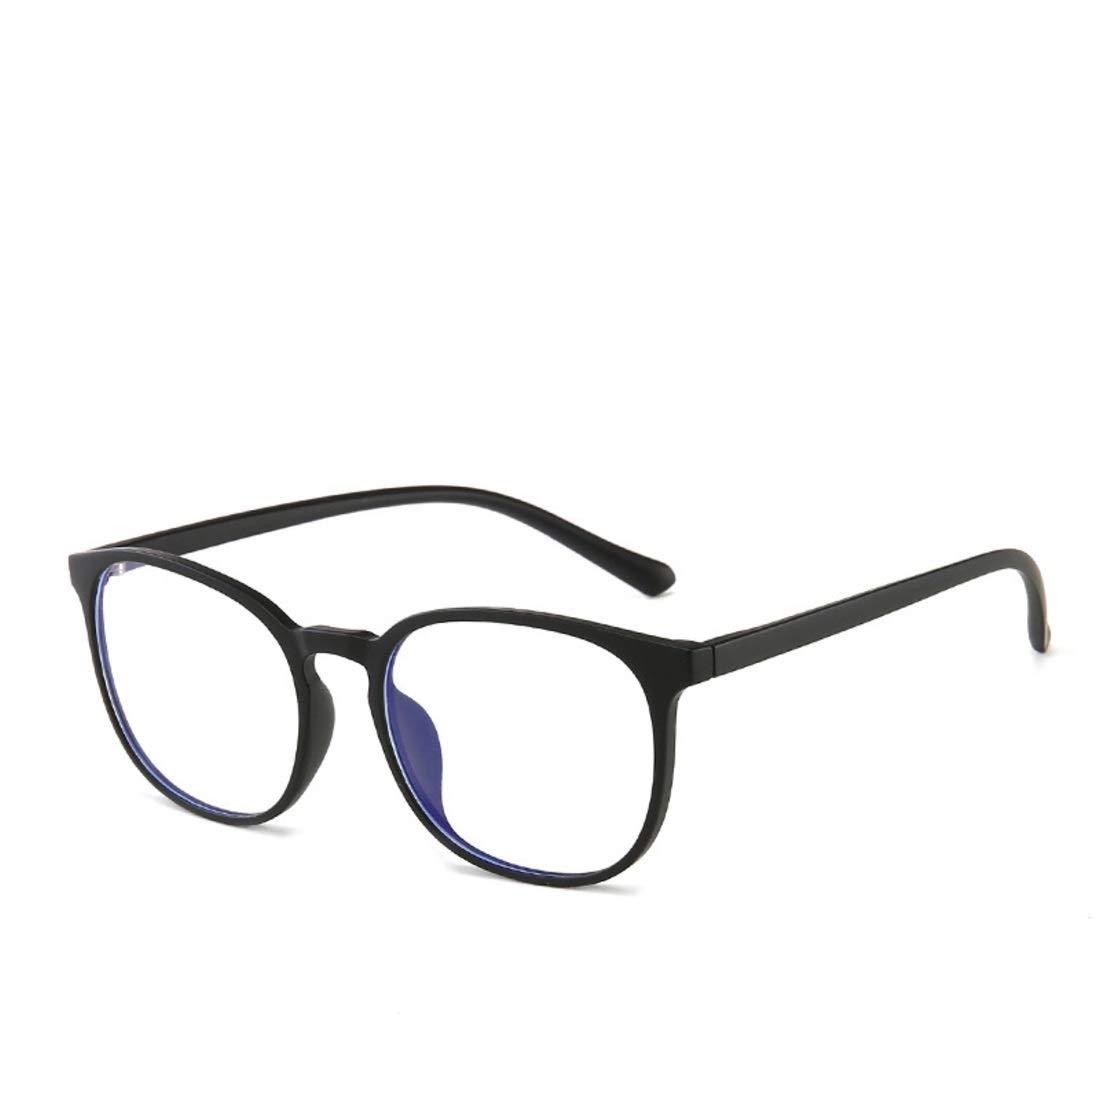 Color : Black Lightpurple Anti-Strahlung und Anti-Blue-Brille Unisex komfortable Brillenrahmen ohne Brille